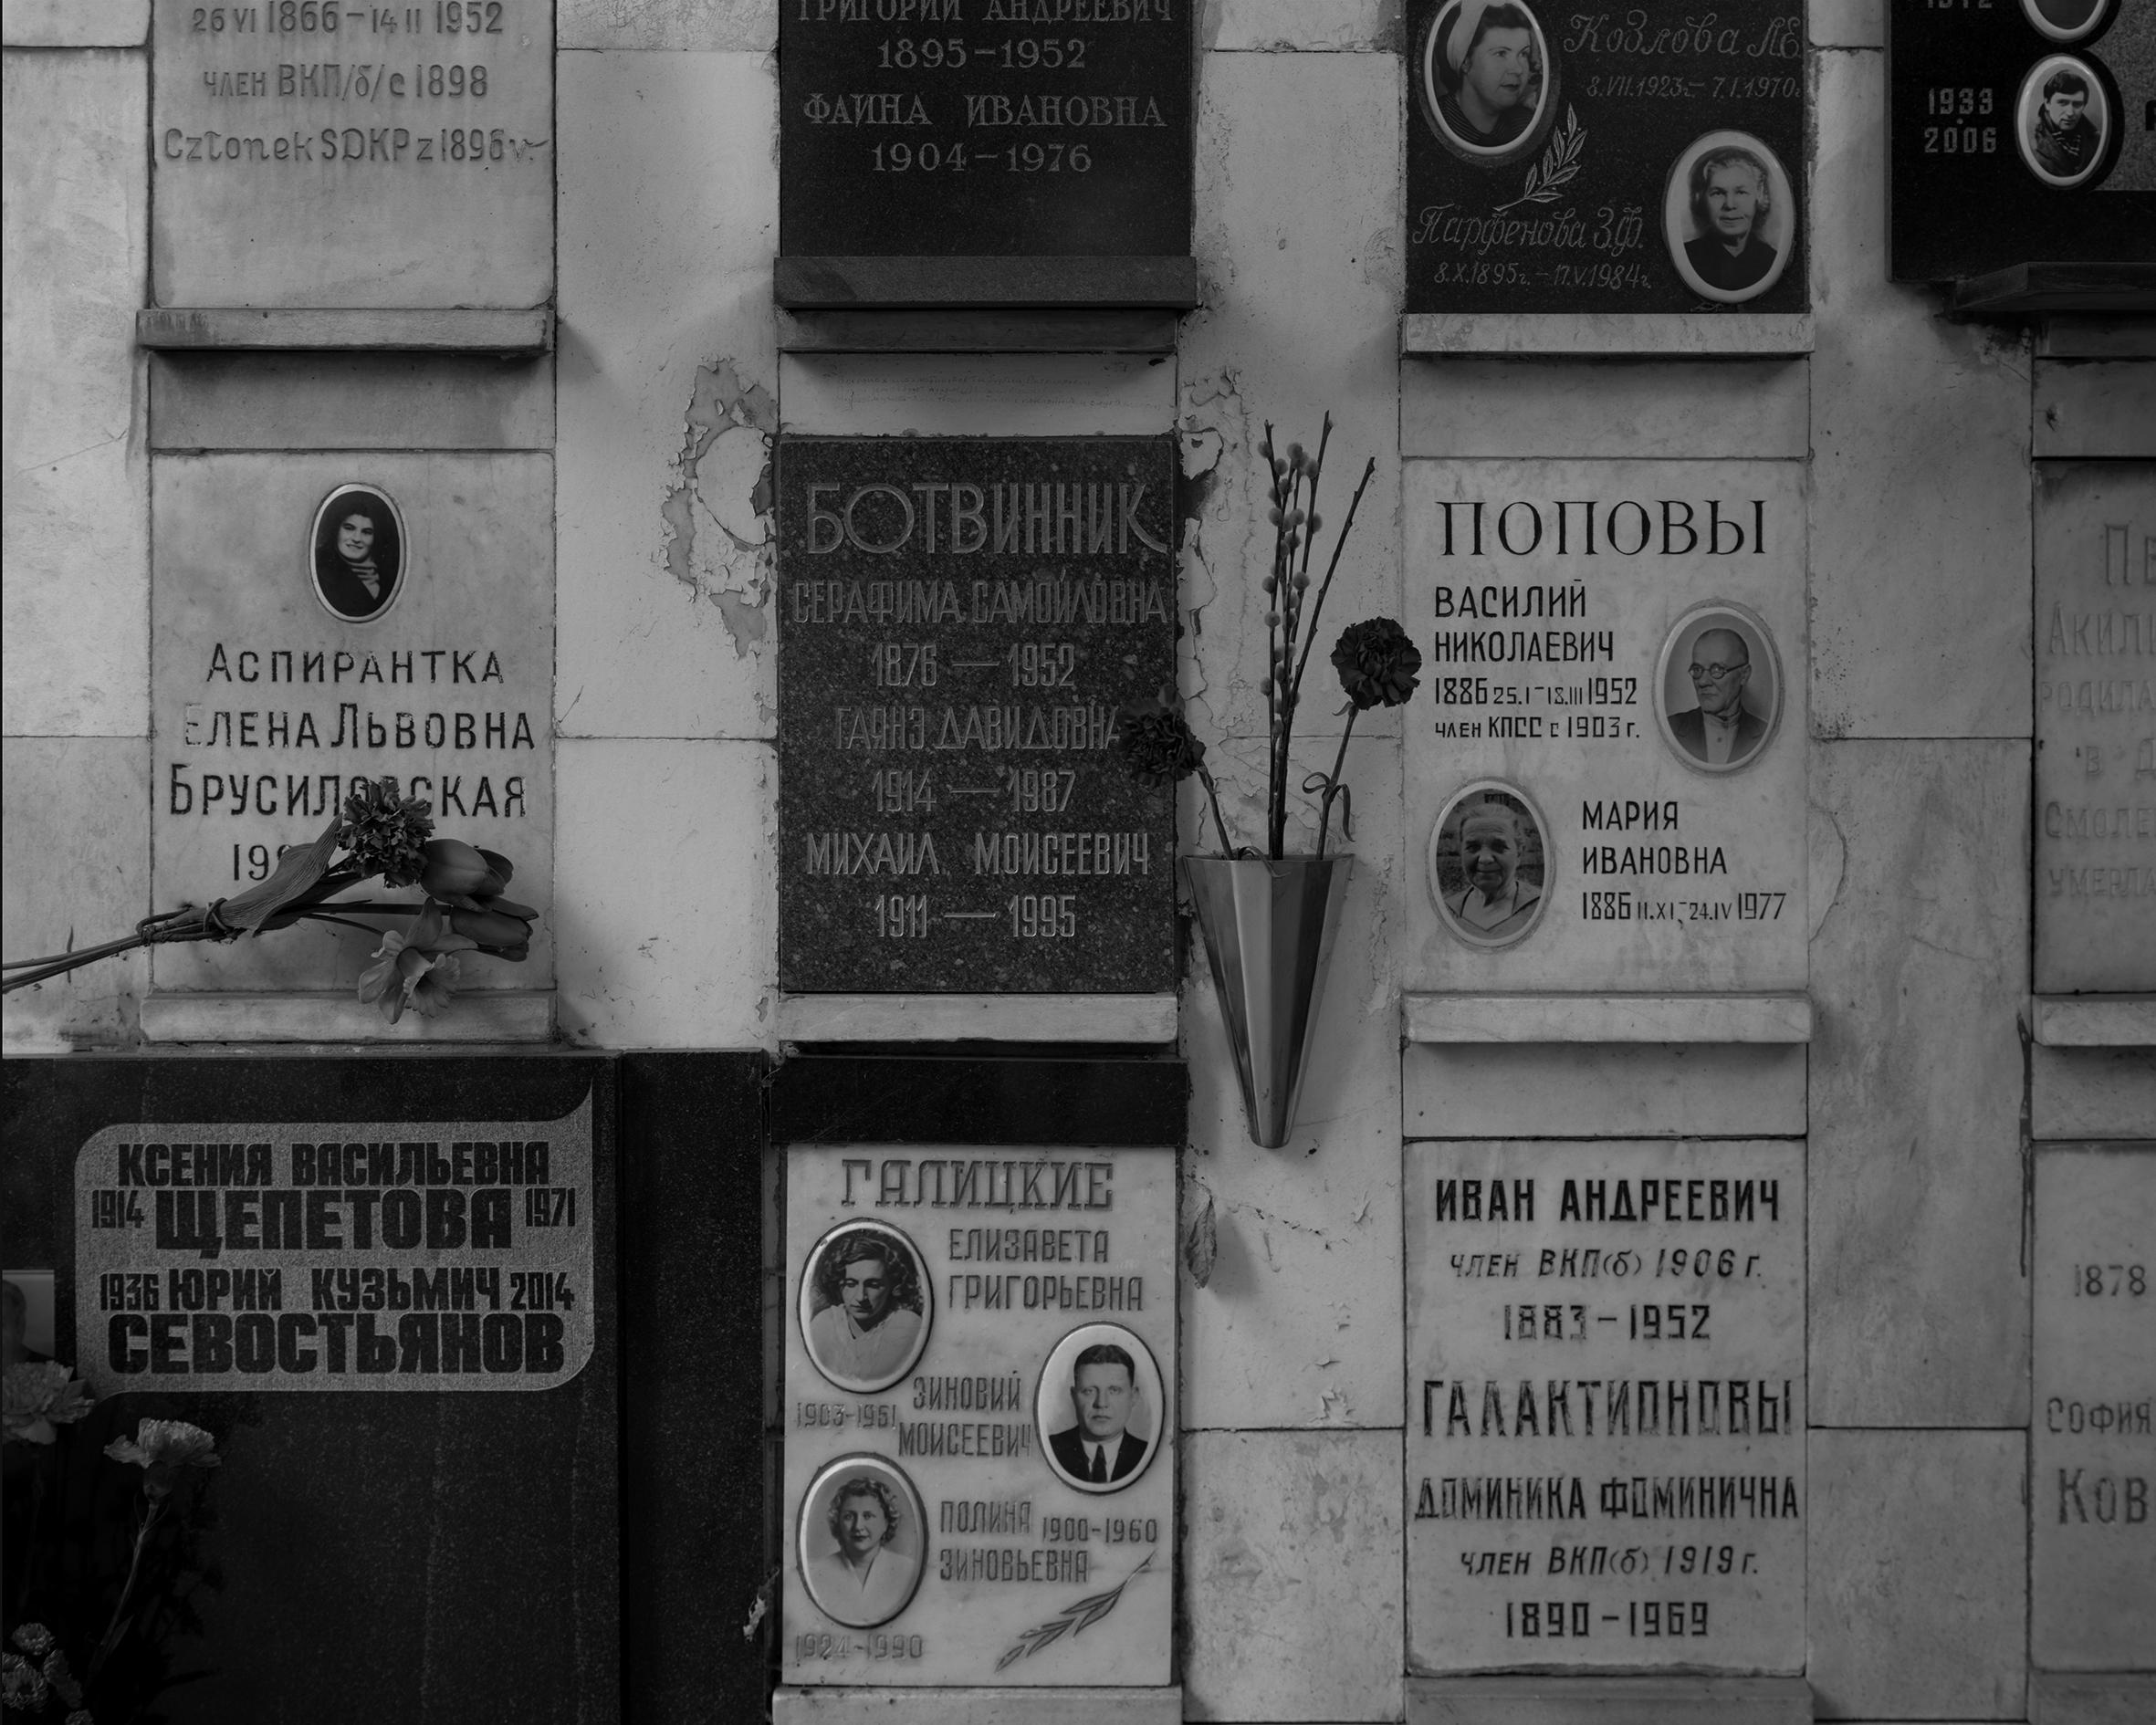 Mikhail Botvinniks grav, Moskva.jpg